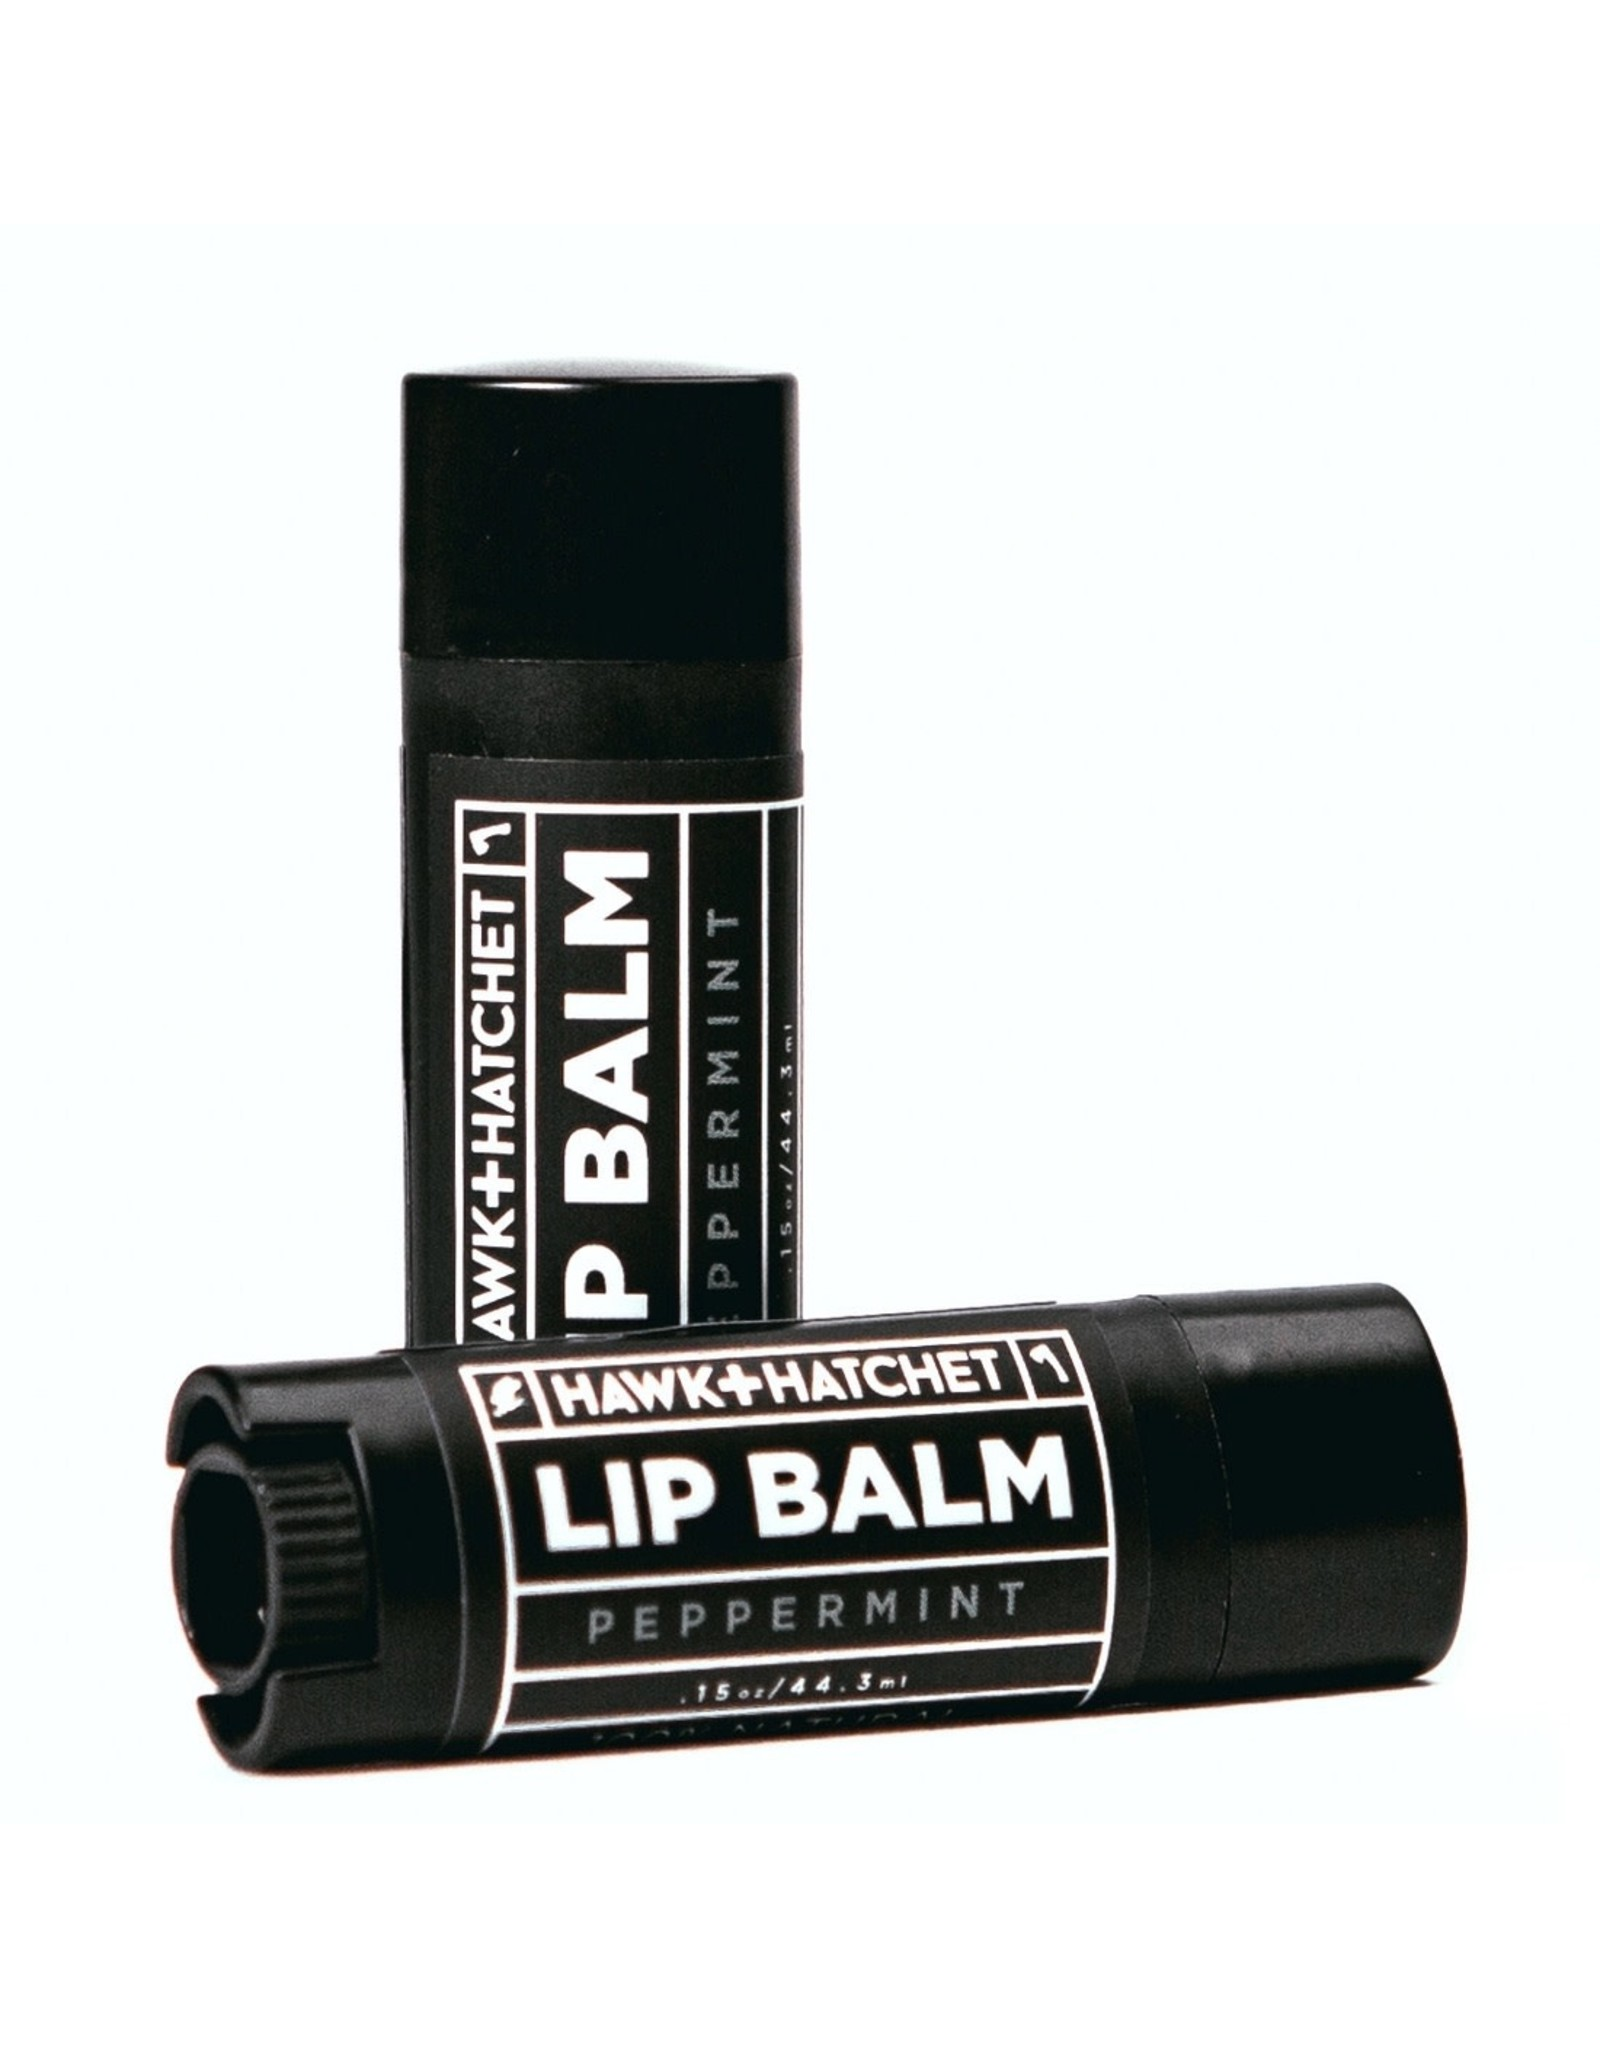 Hawk & Hatchet Lip Balm - Peppermint